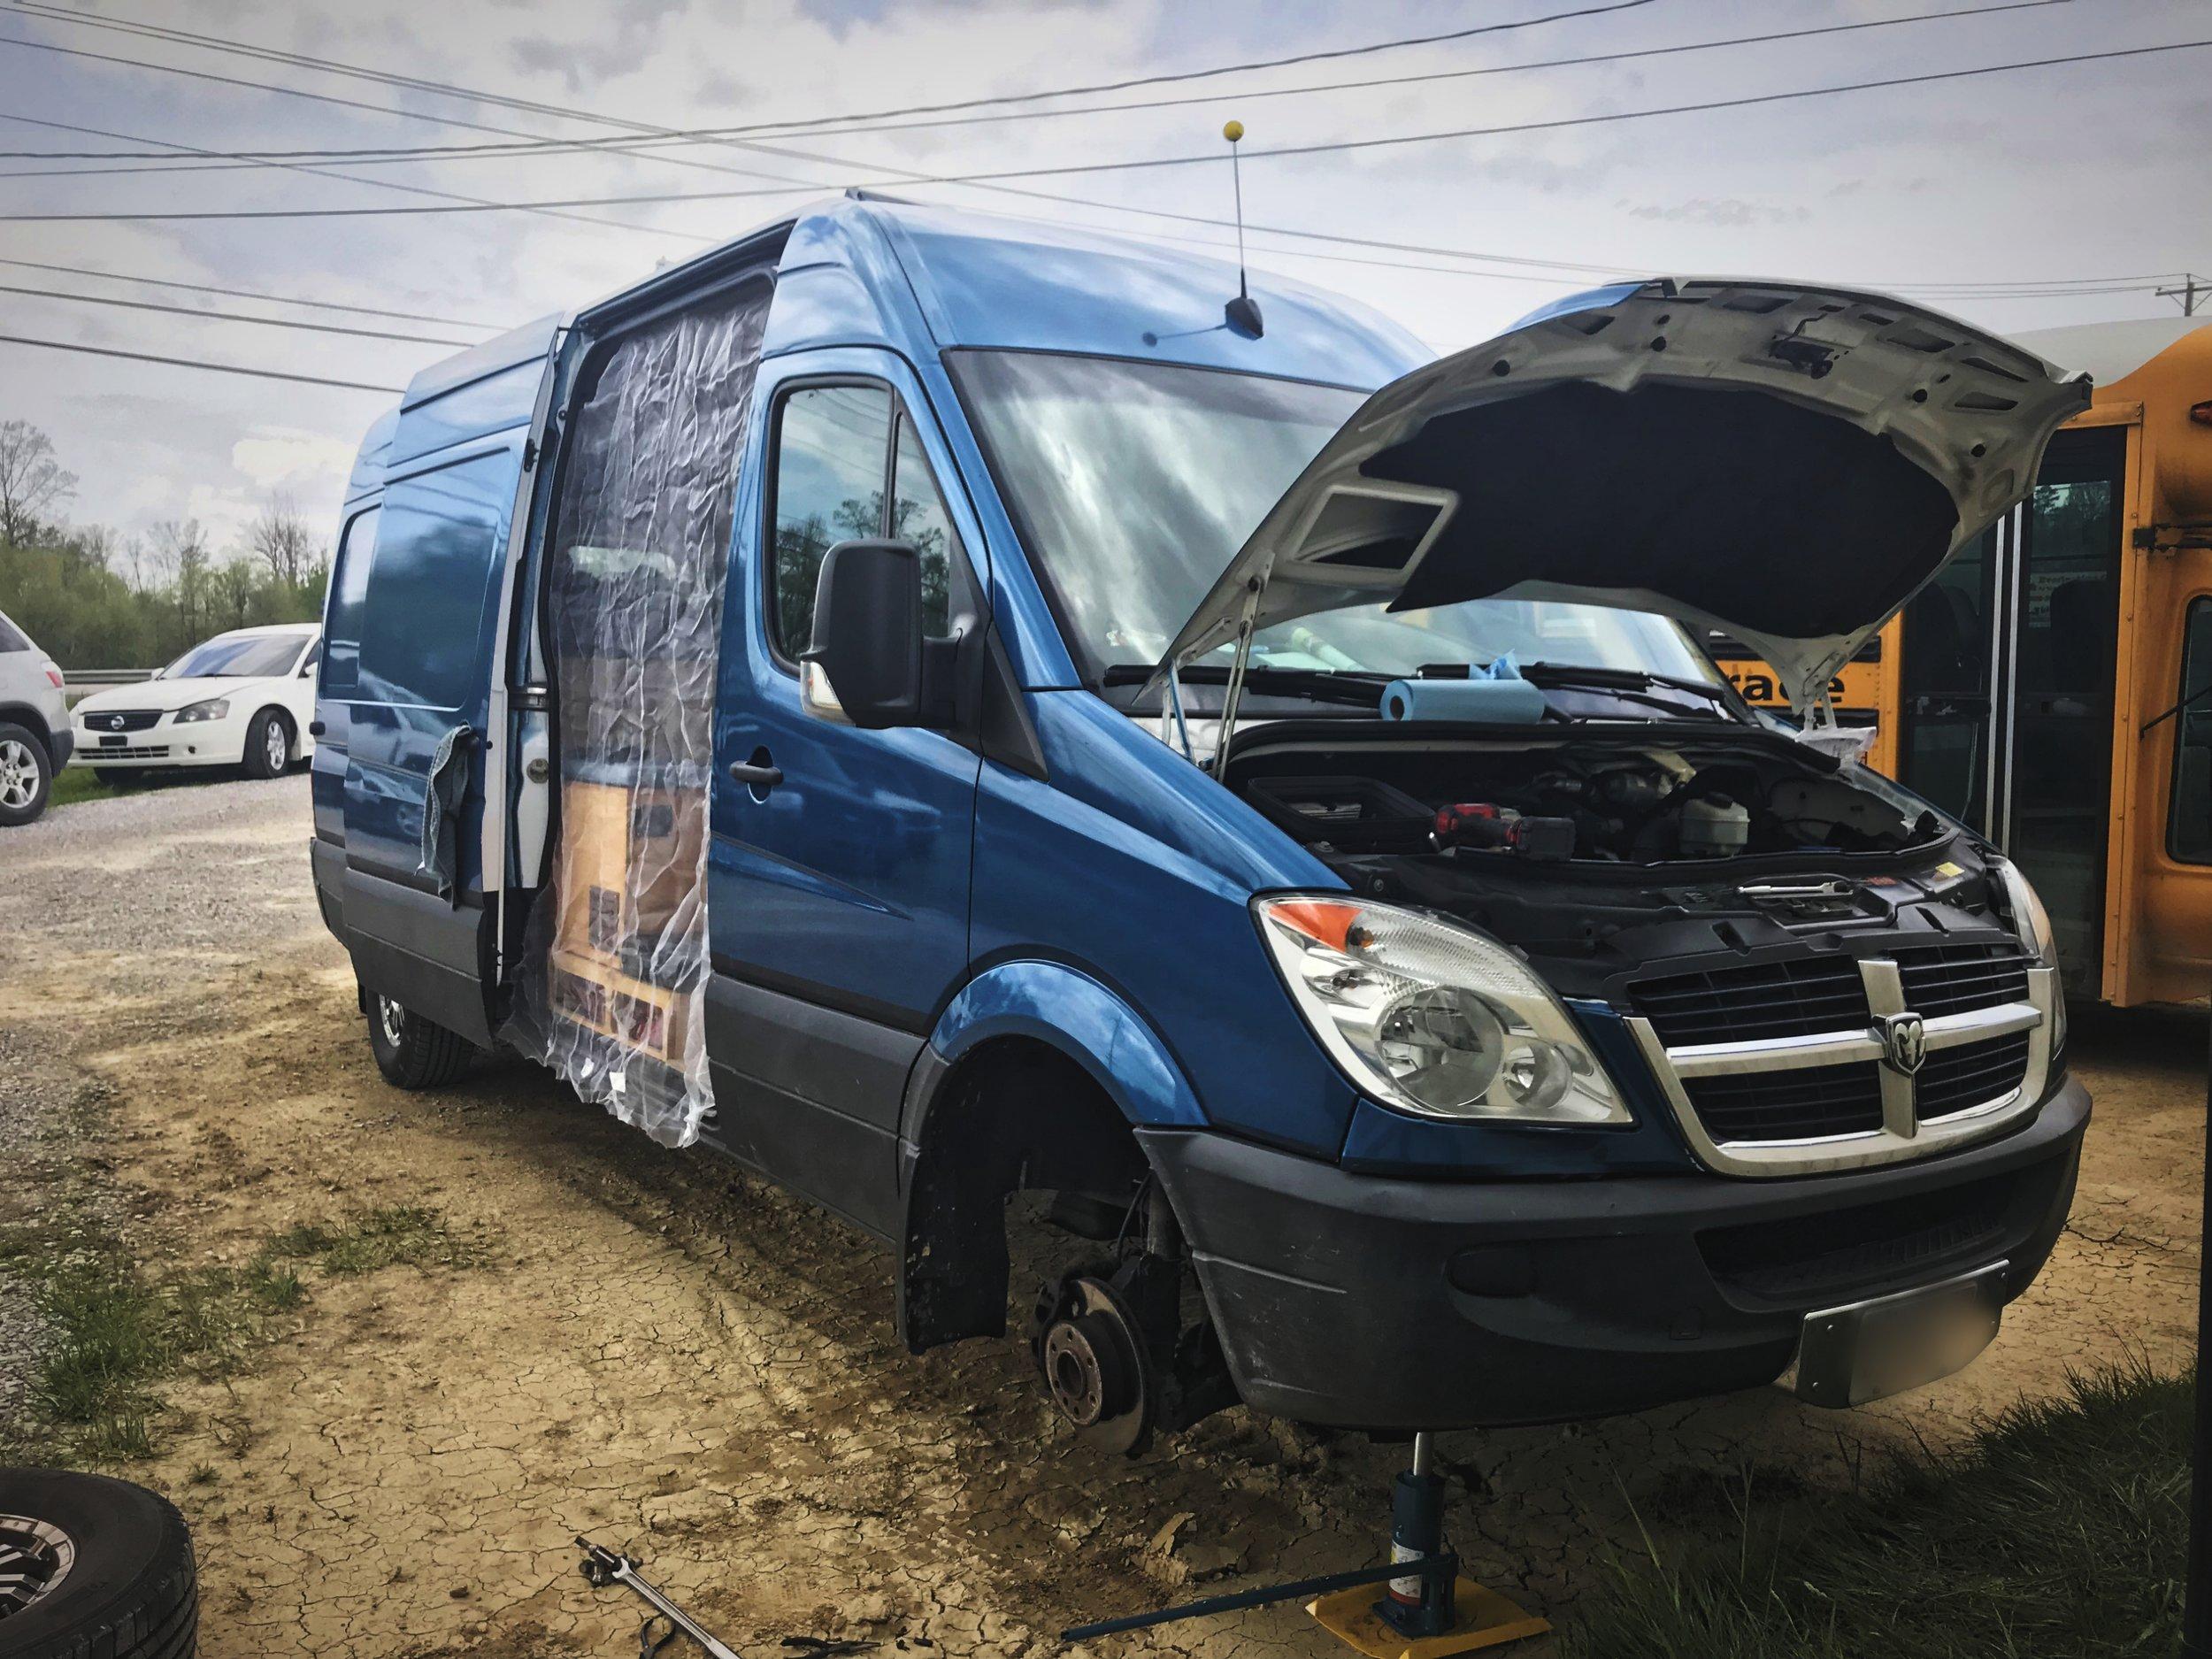 Ian repairing our van while we were in Kentucky.